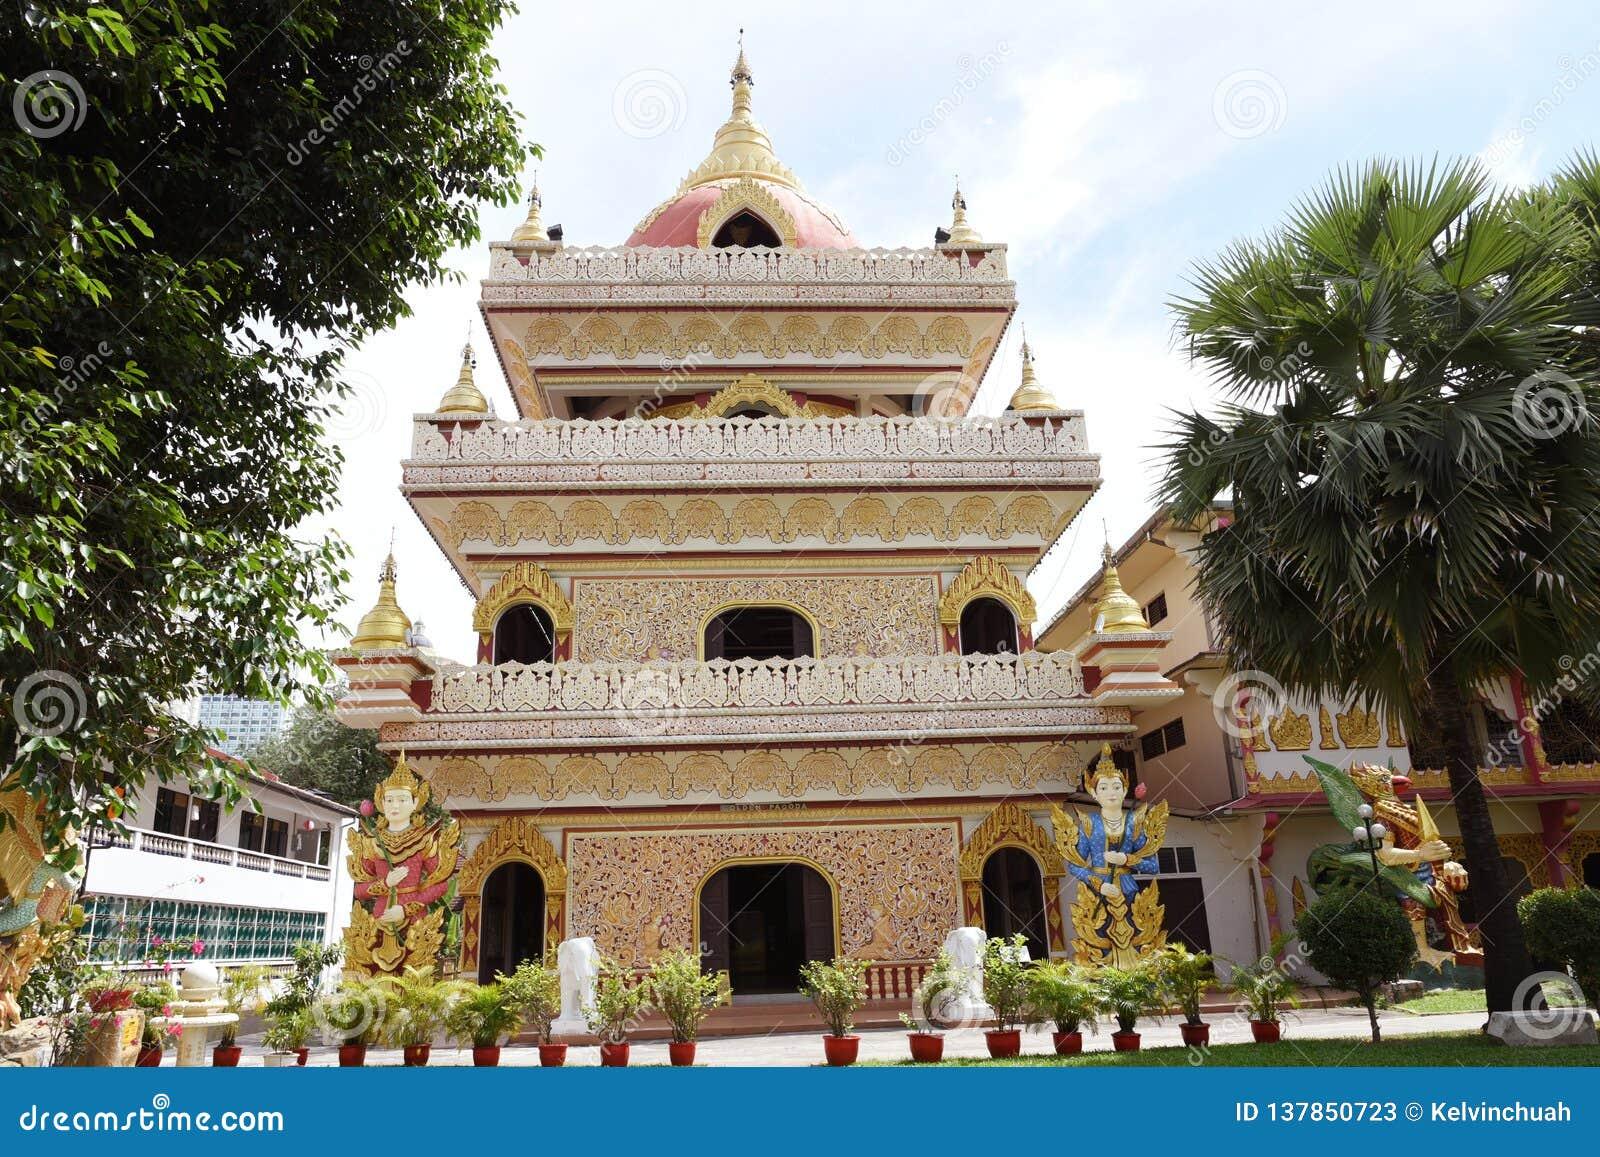 Burmese Temple in Penang, Malaysia